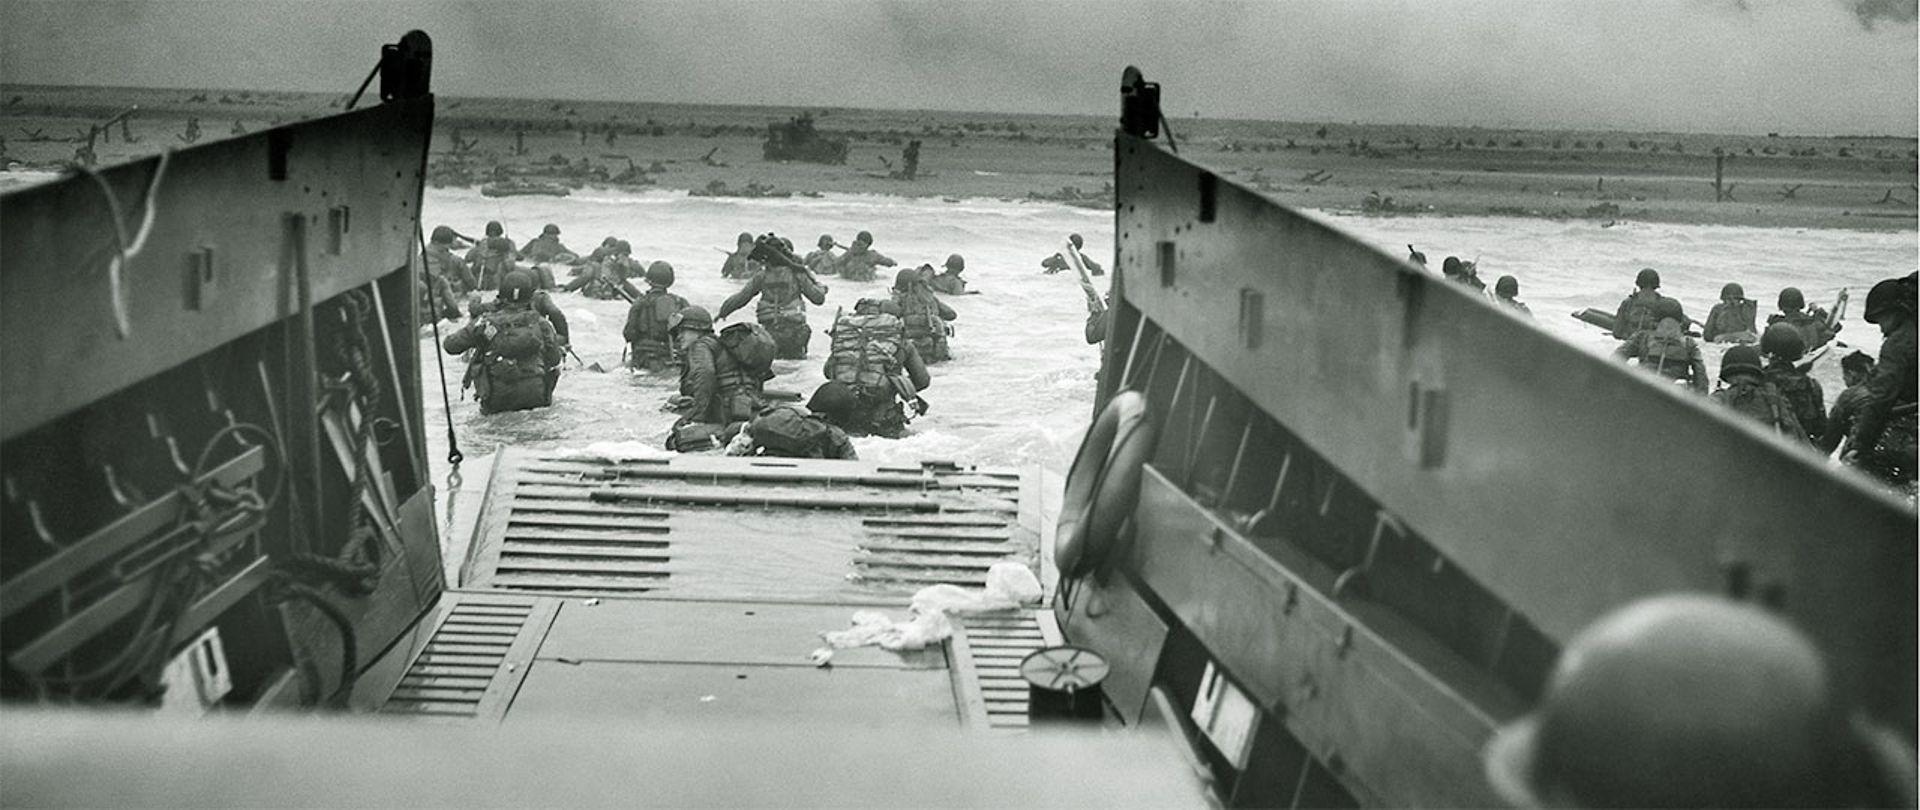 21 Best World War Ii Books That Examine